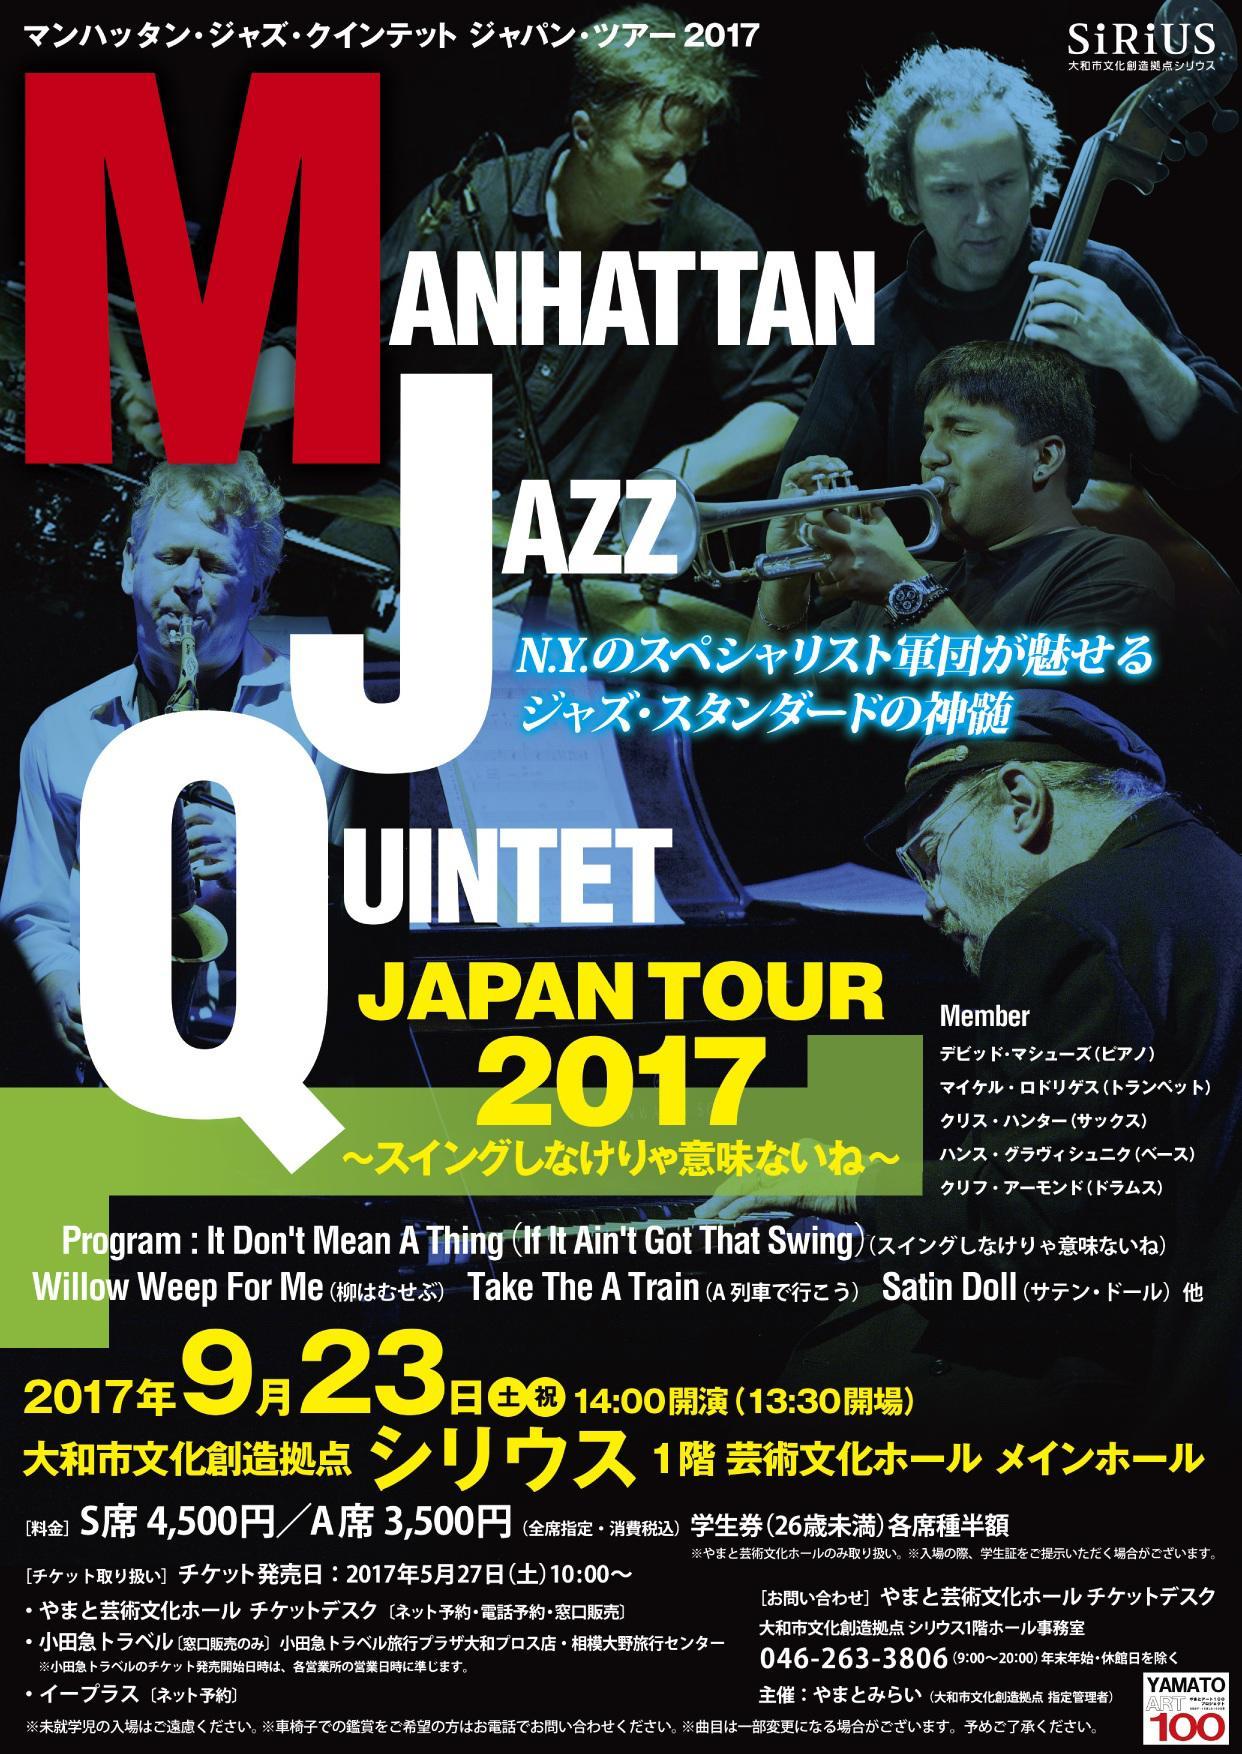 マンハッタン・ジャズ・クインテットジャパン・ツアー2017~スイングしなけりゃ意味ないね~